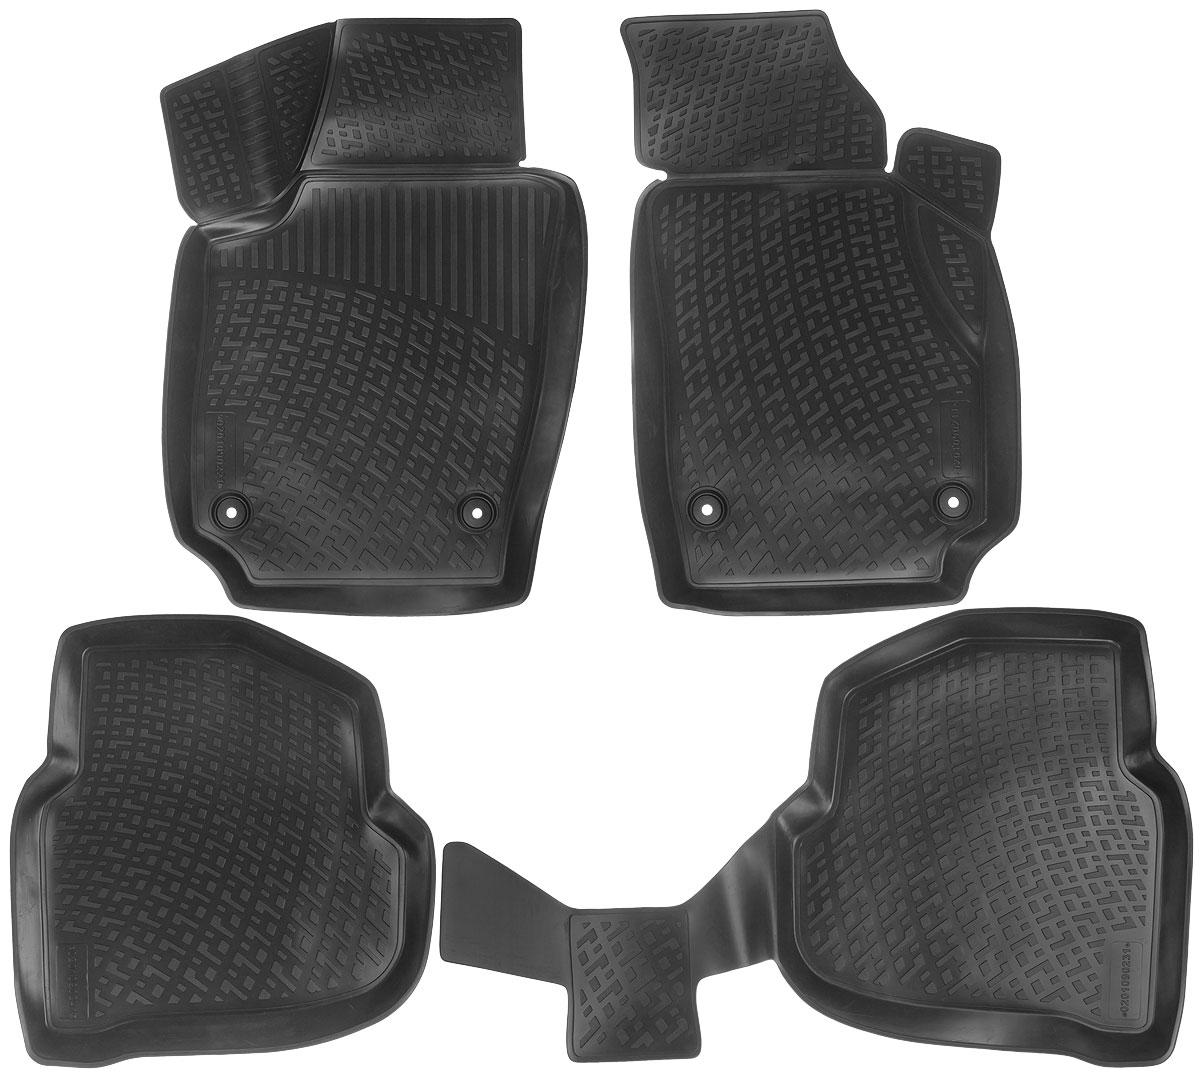 Набор автомобильных ковриков L.Locker Volkswagen Polo V Sedan 2010, в салон, 4 штSC-FD421005Набор L.Locker Volkswagen Polo V Sedan 2010, изготовленный из полиуретана, состоит из 4 антискользящих 3D ковриков, которые производятся индивидуально для каждой модели автомобиля. Изделие точно повторяет геометрию пола автомобиля, имеет высокий борт, обладает повышенной износоустойчивостью, лишено резкого запаха и сохраняет свои потребительские свойства в широком диапазоне температур от -50°С до +50°С.Комплектация: 4 шт.Размер ковриков: 78 см х 49 см; 57 см х 54,5 см; 98 см х 57 см; 53 см х 77 см.